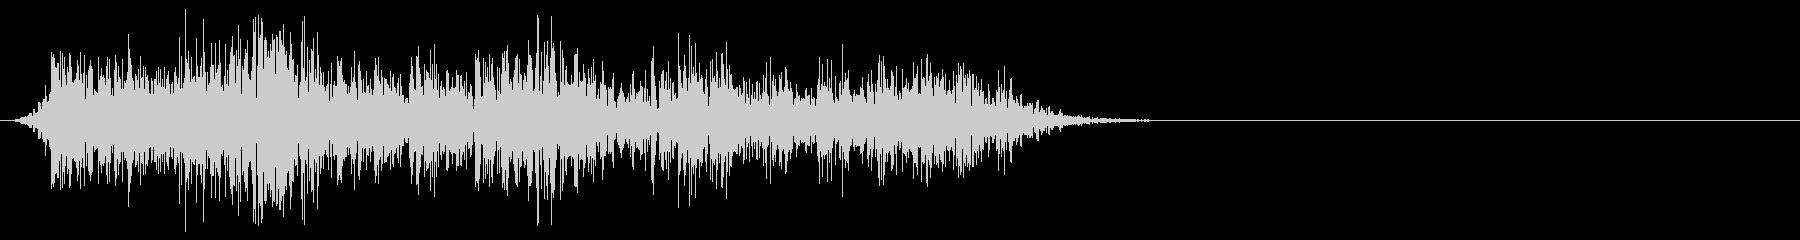 [生音]ビー玉が転がる05(ショート)の未再生の波形